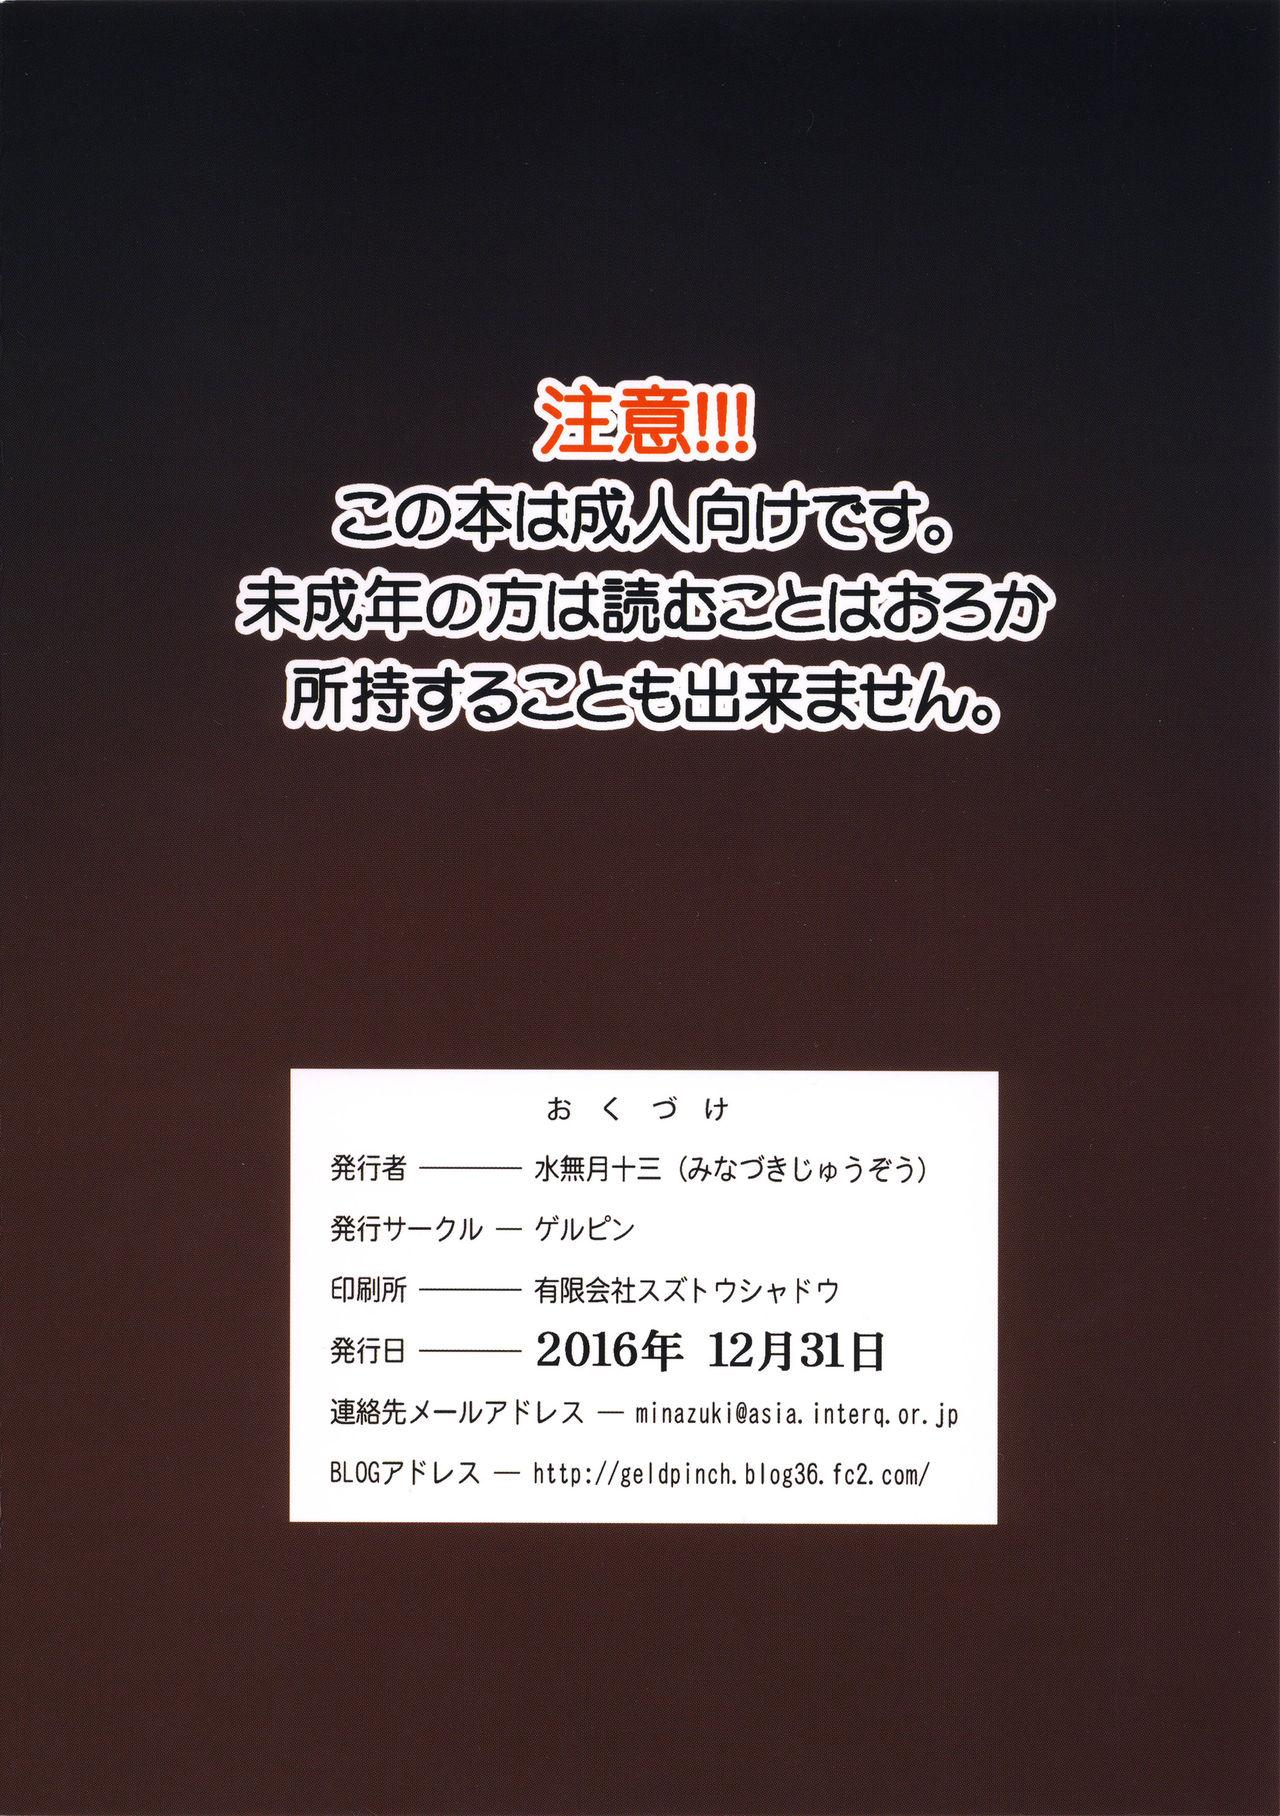 Zuryu tto Irete Zubozubo tto Yareba Gekiharitsu 120% | Sliding in and Pounding it is 120% Effective 13